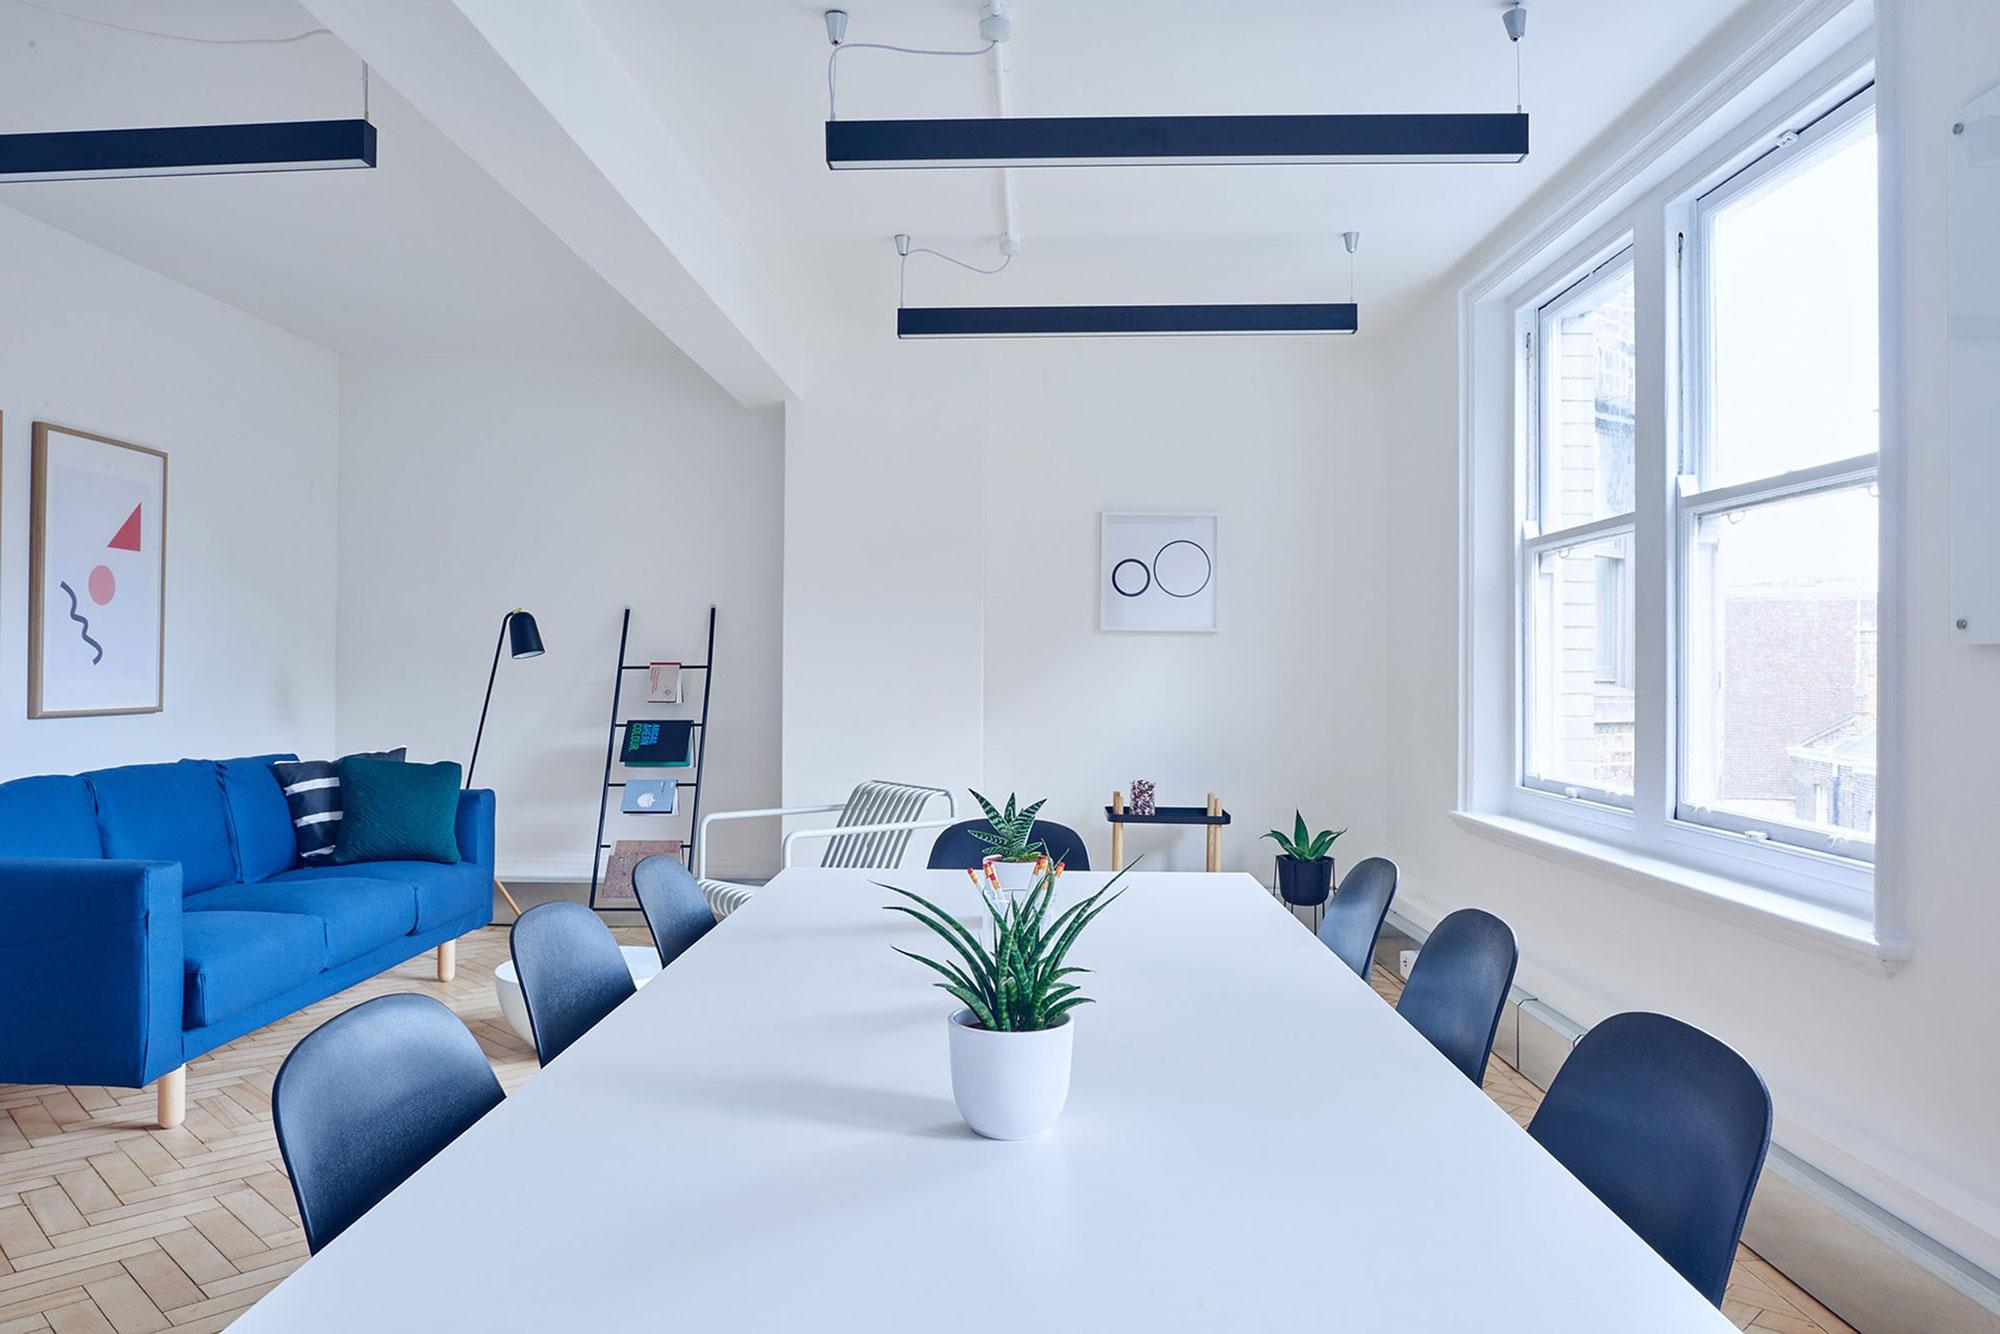 architectuur-portfolio-(5)a